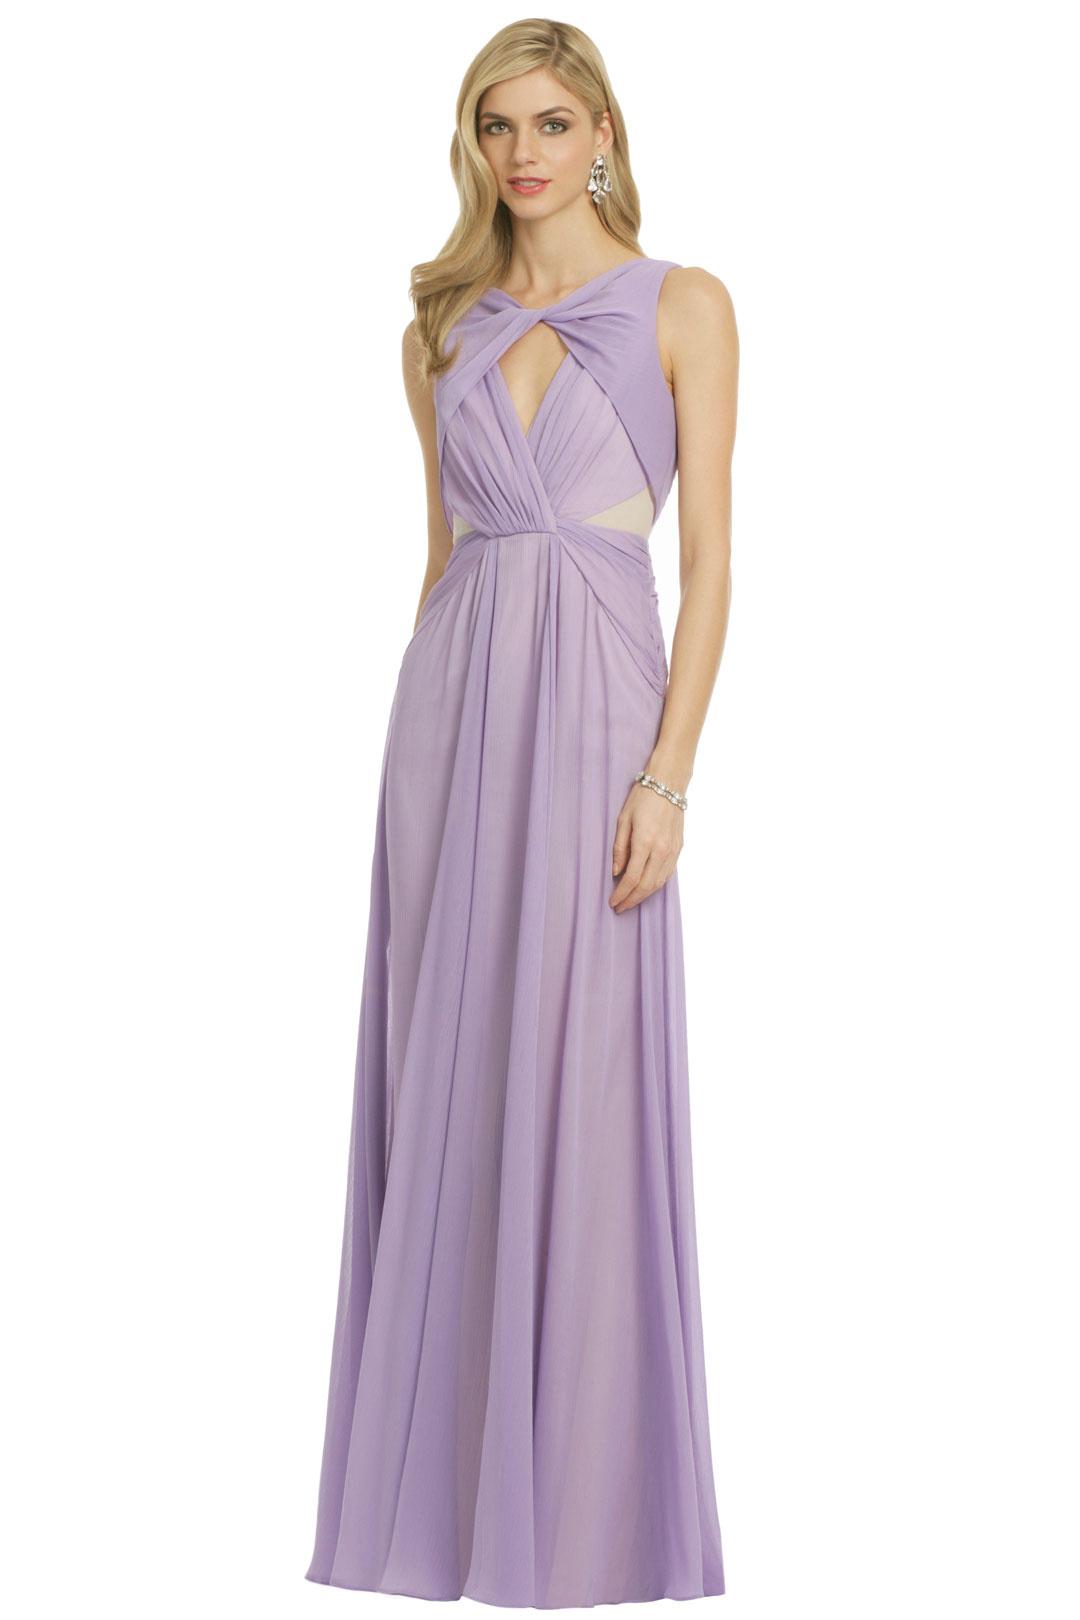 Rent the Runway - Badgley Mischka Pastel Petunia Gown